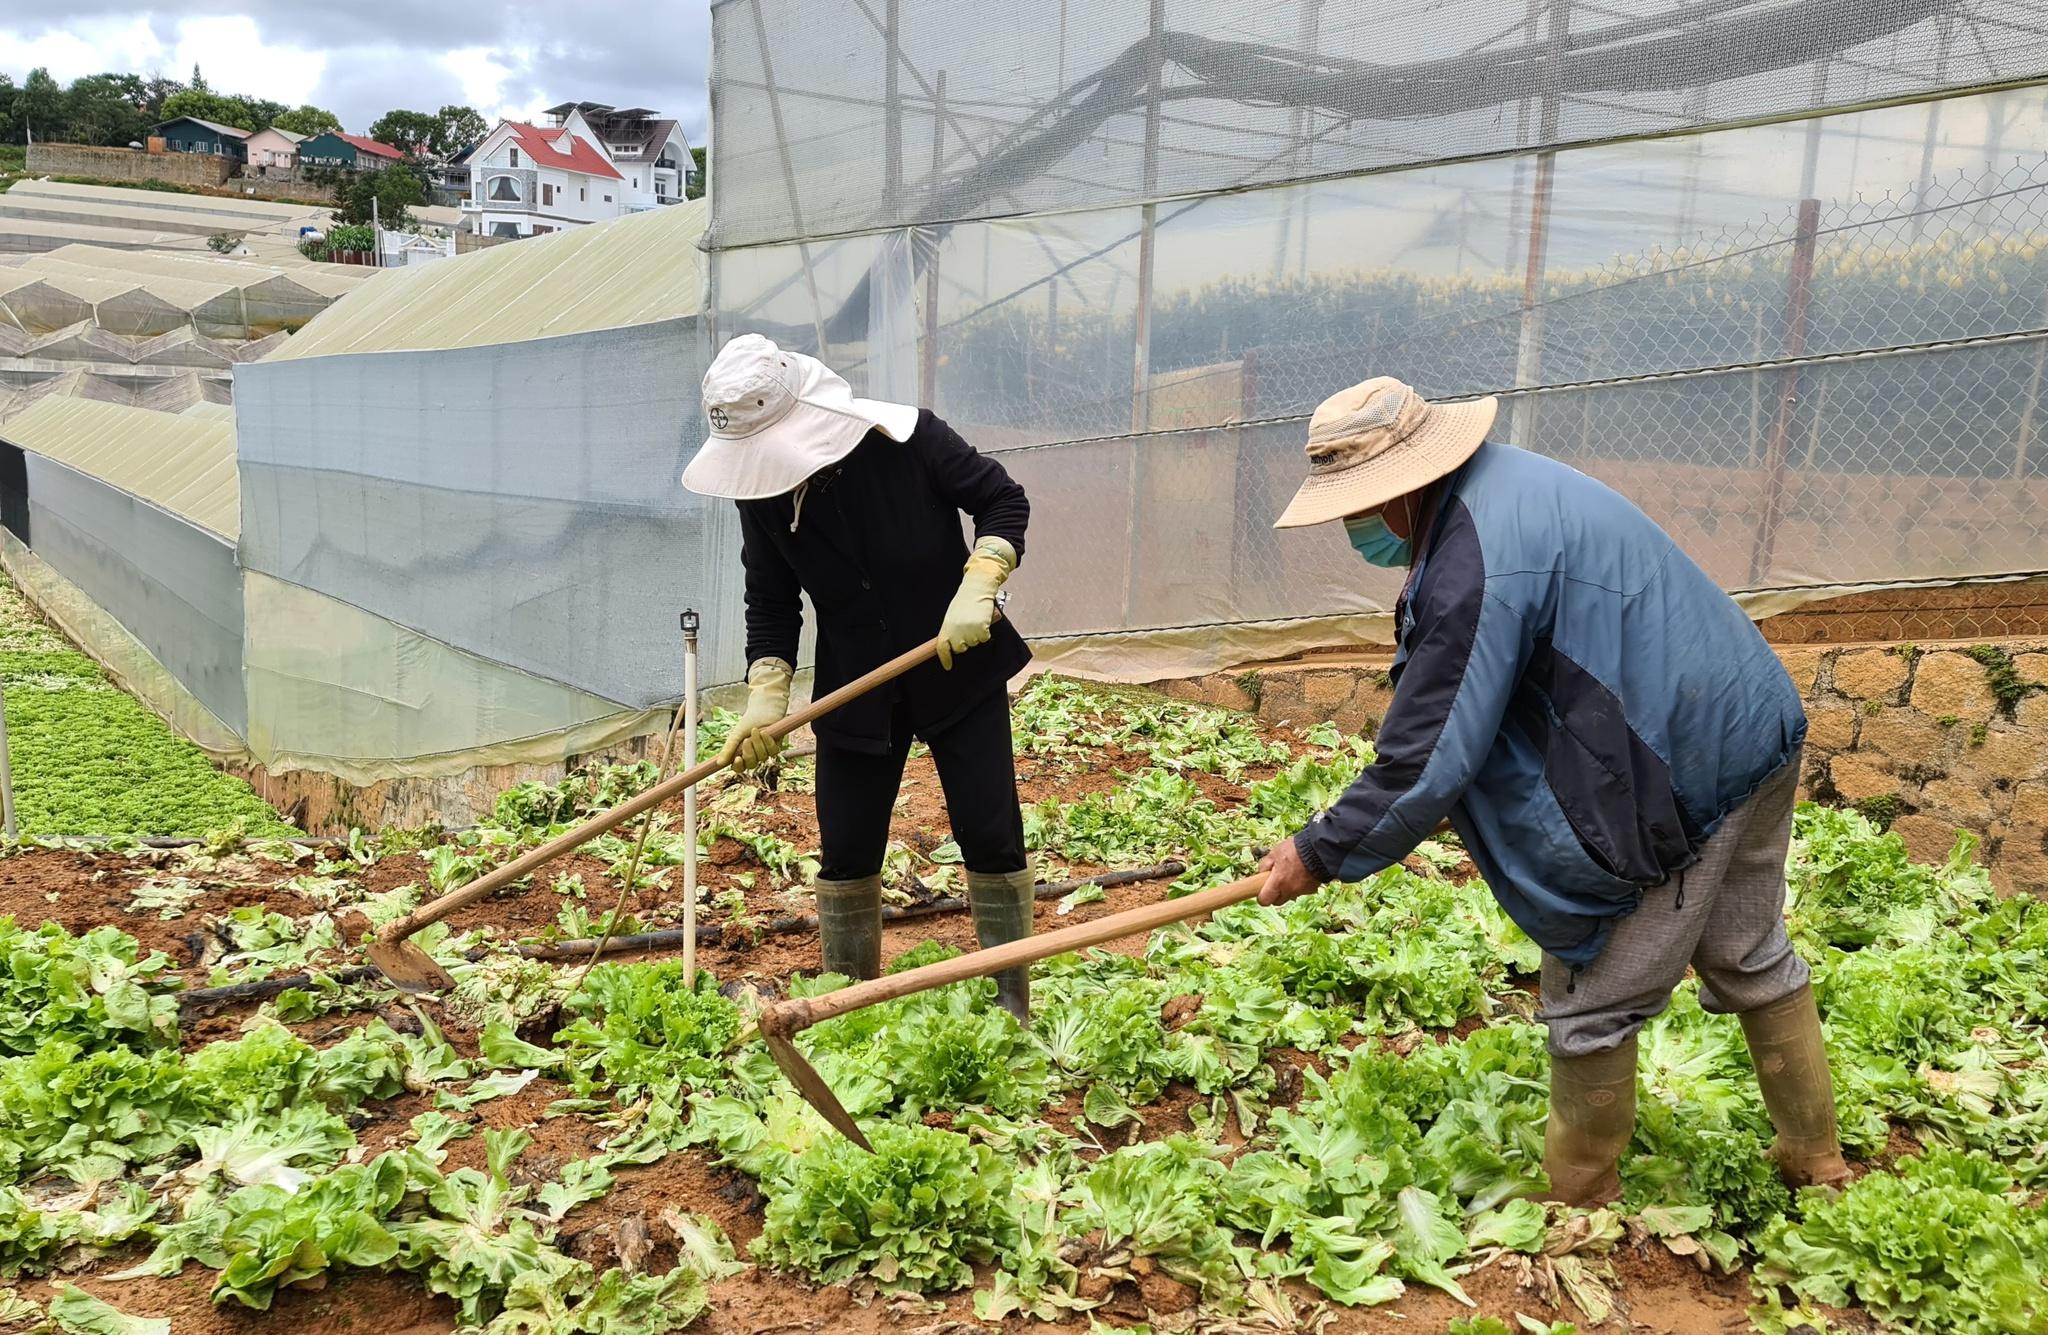 Vợ chồng bà Hà phải cuốc vườn rau cô rôn vì không bán được. Ảnh: Lâm Viên